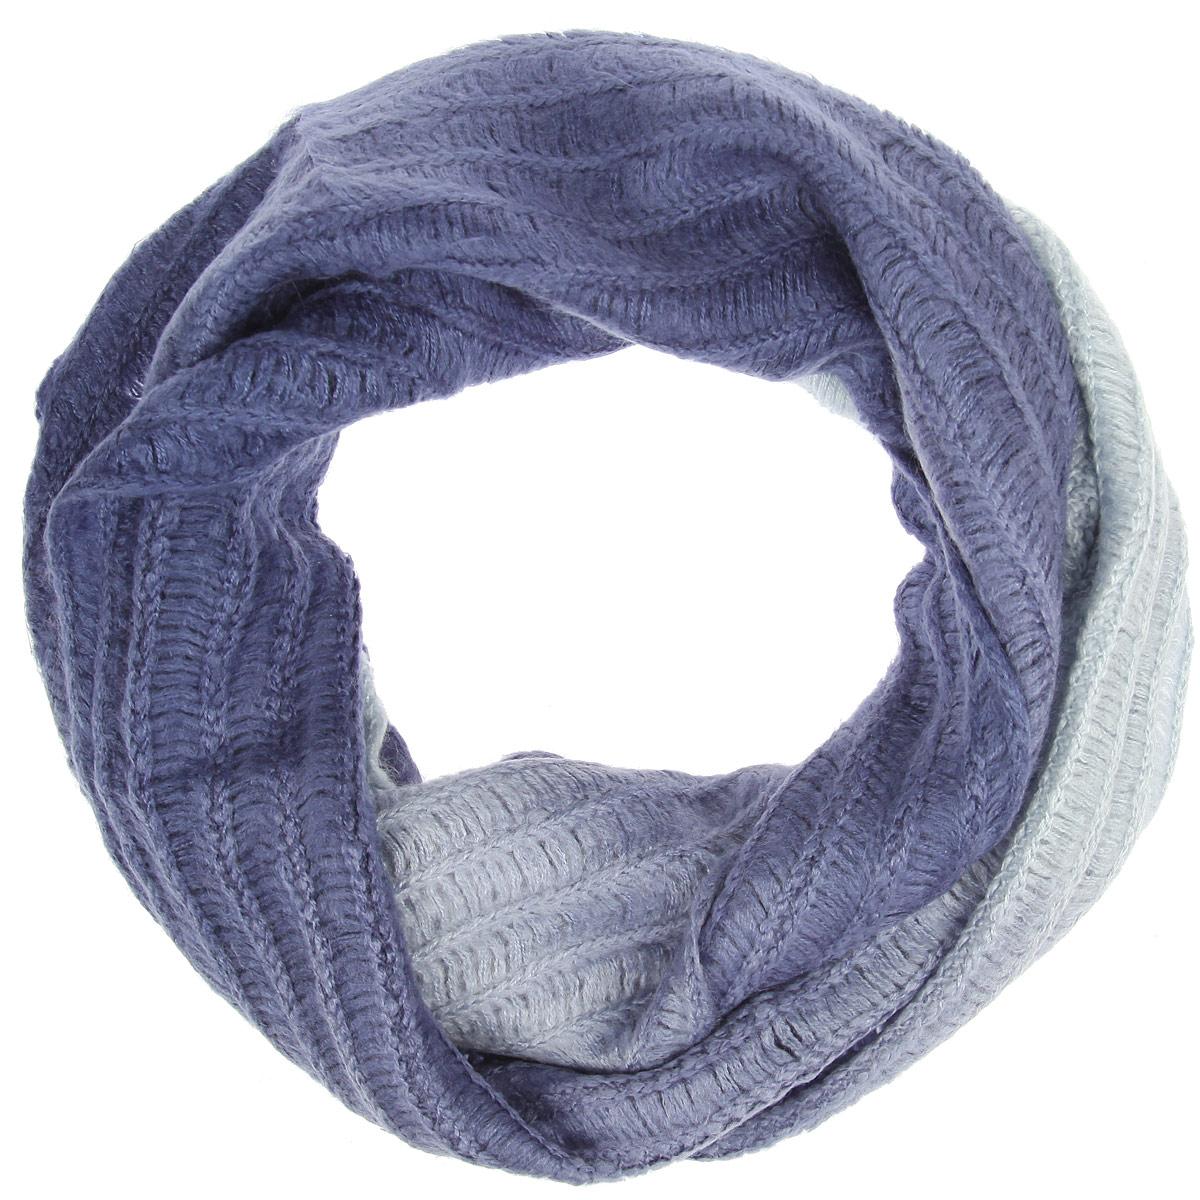 Снуд-хомутLDB52-608Уютный среднего размера шарф-снуд Labbra создан подчеркнуть ваш неординарный вкус и согреть вас в прохладное время года. Шерсть с мохером - идеальное сочетание для снуда. Модель отличается интересной фактурой, невероятной легкостью и мягкостью. Красивый шарф-кольцо отлично сочетается с любой нарядной одеждой. Такой предмет гардероба не только хорошо работает на создание модного образа, но и согревает в непогоду.